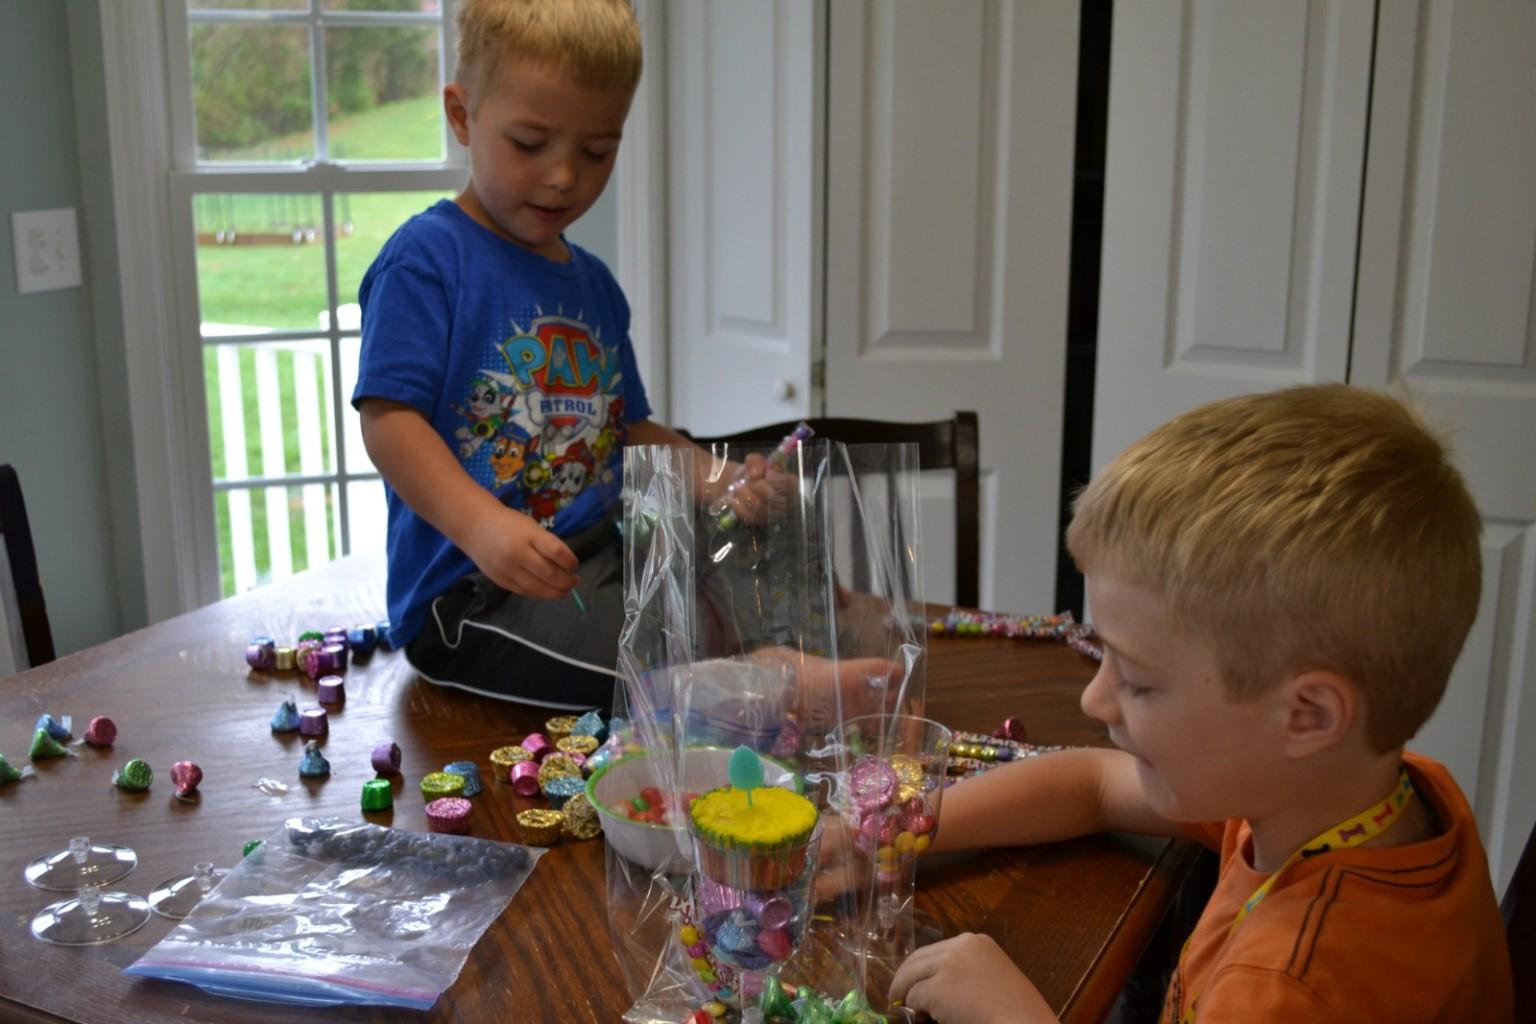 Easter treats for your children or grandchildren.